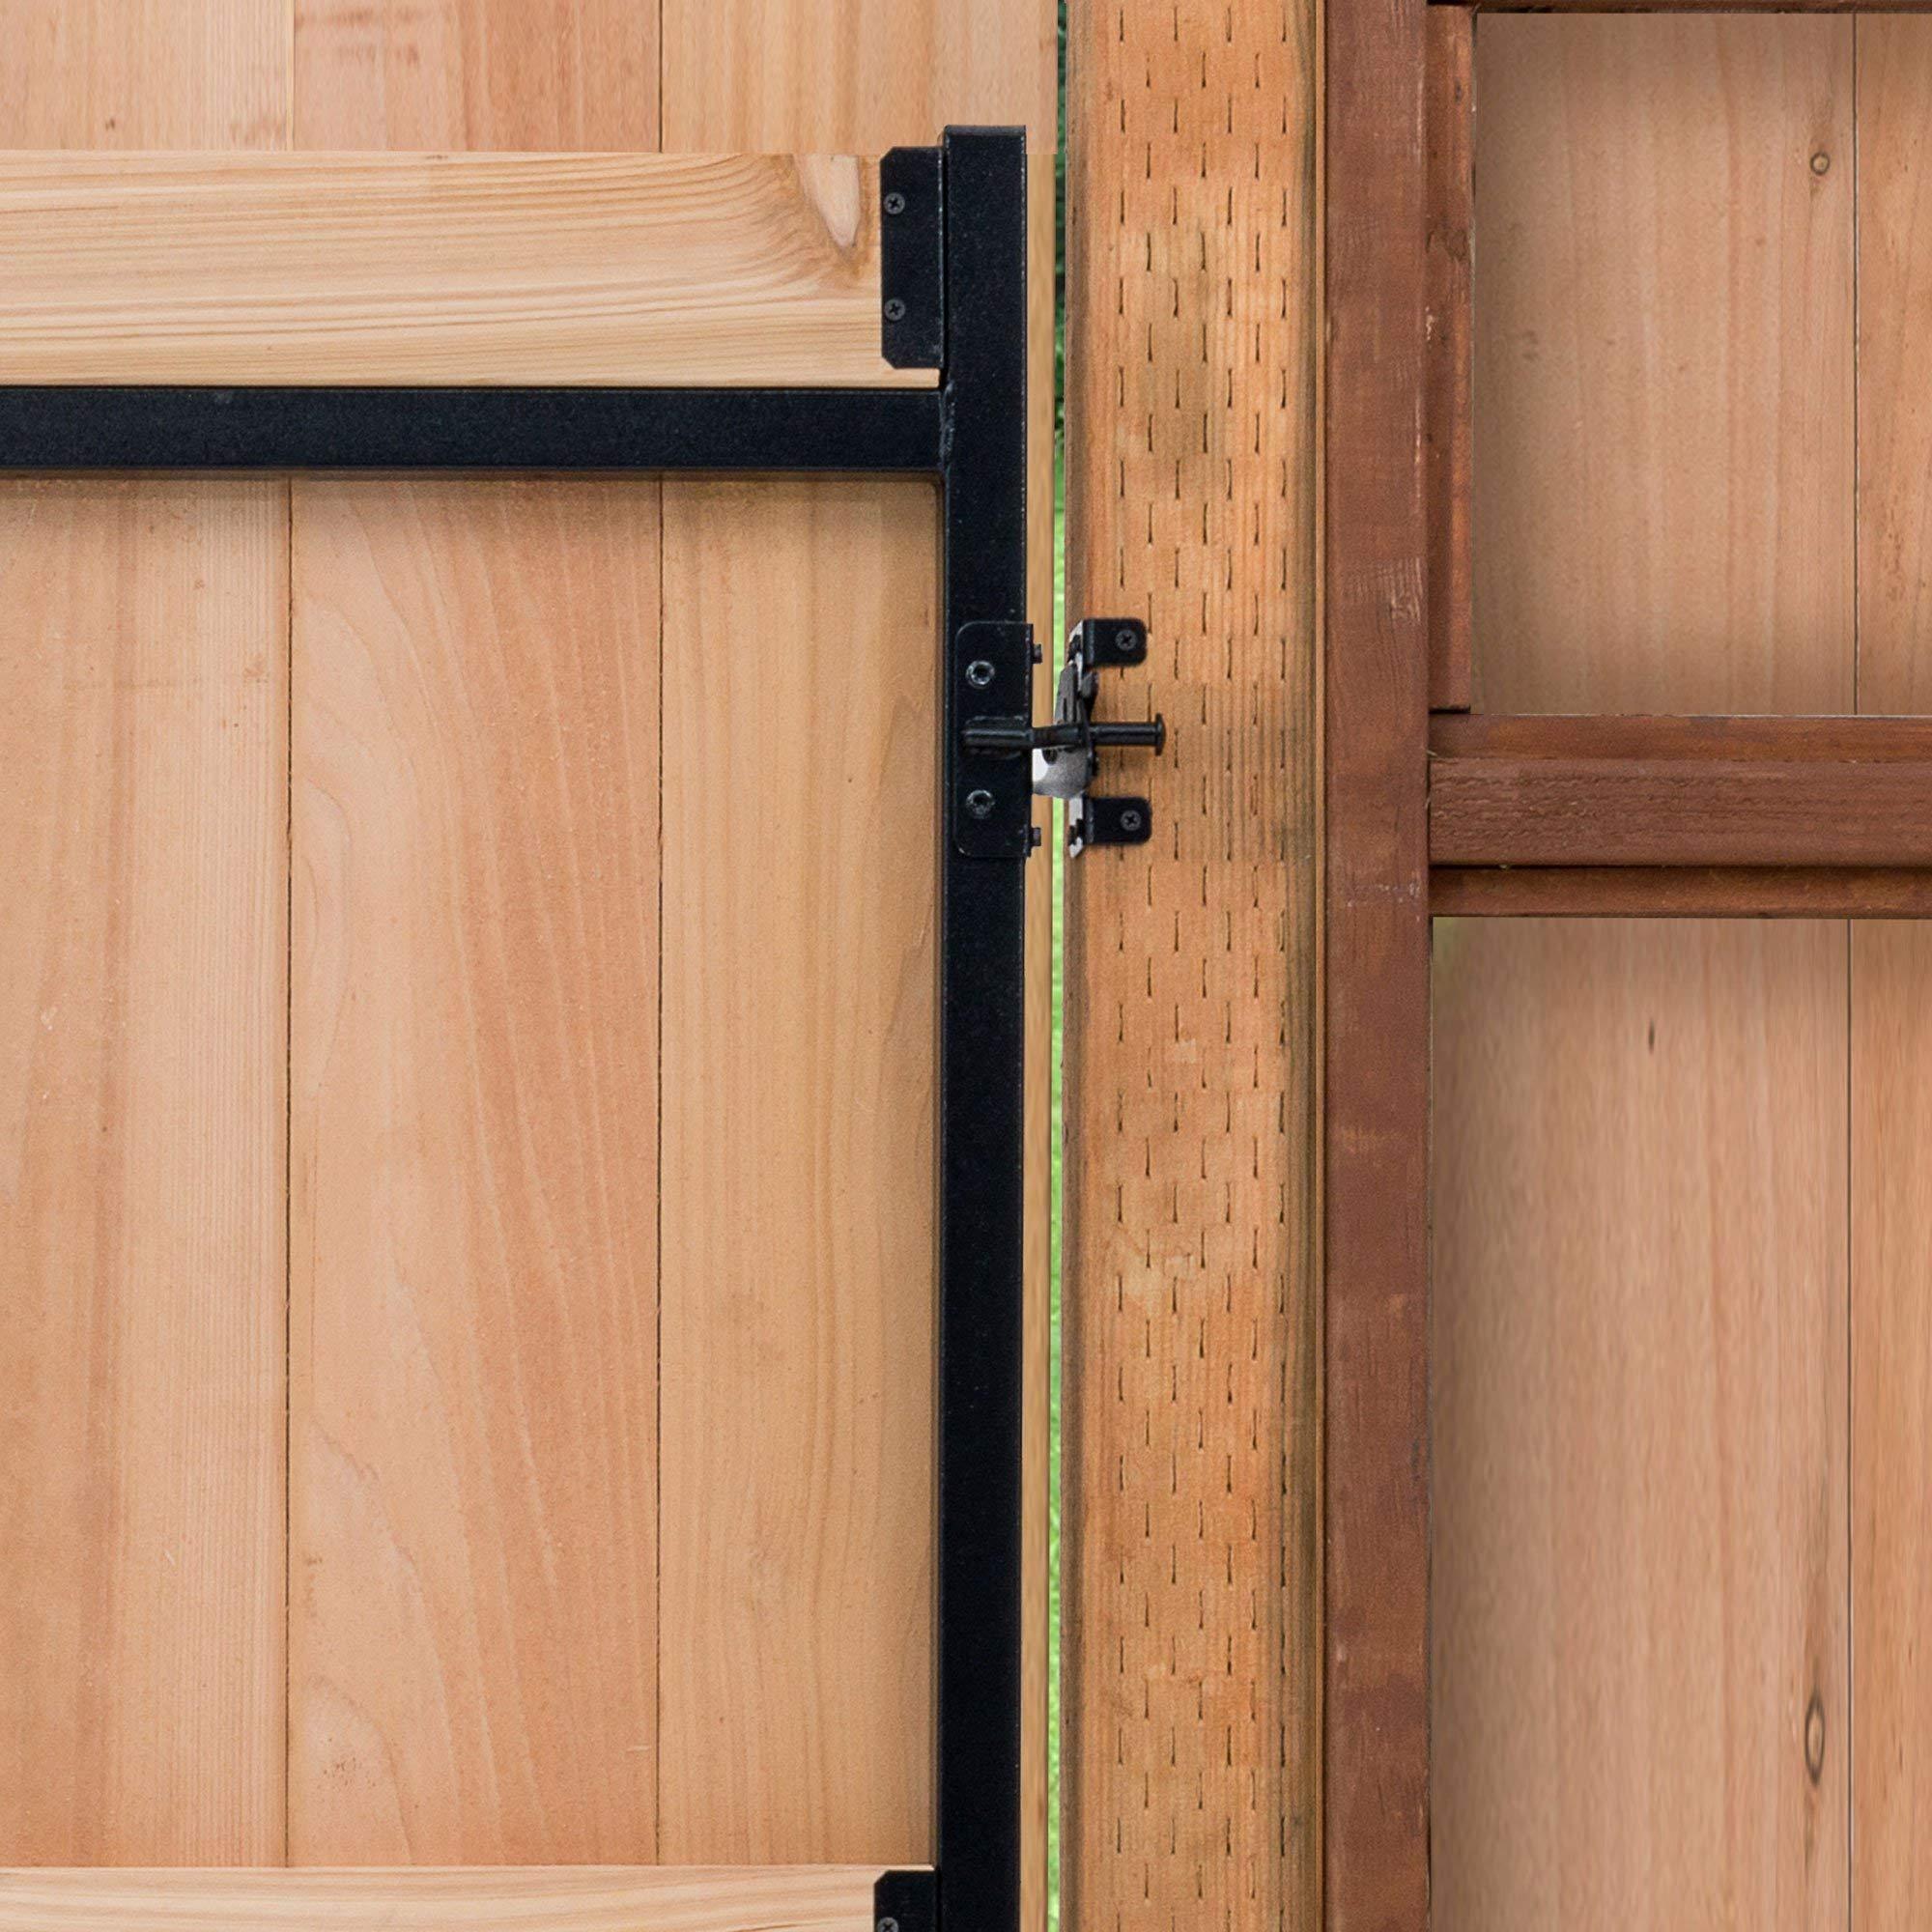 Adjust-A-Gate Steel Frame Gate Building Kit, 60''-96'' Wide, 6' High (2 Pack) by Adjust-A-Gate (Image #5)